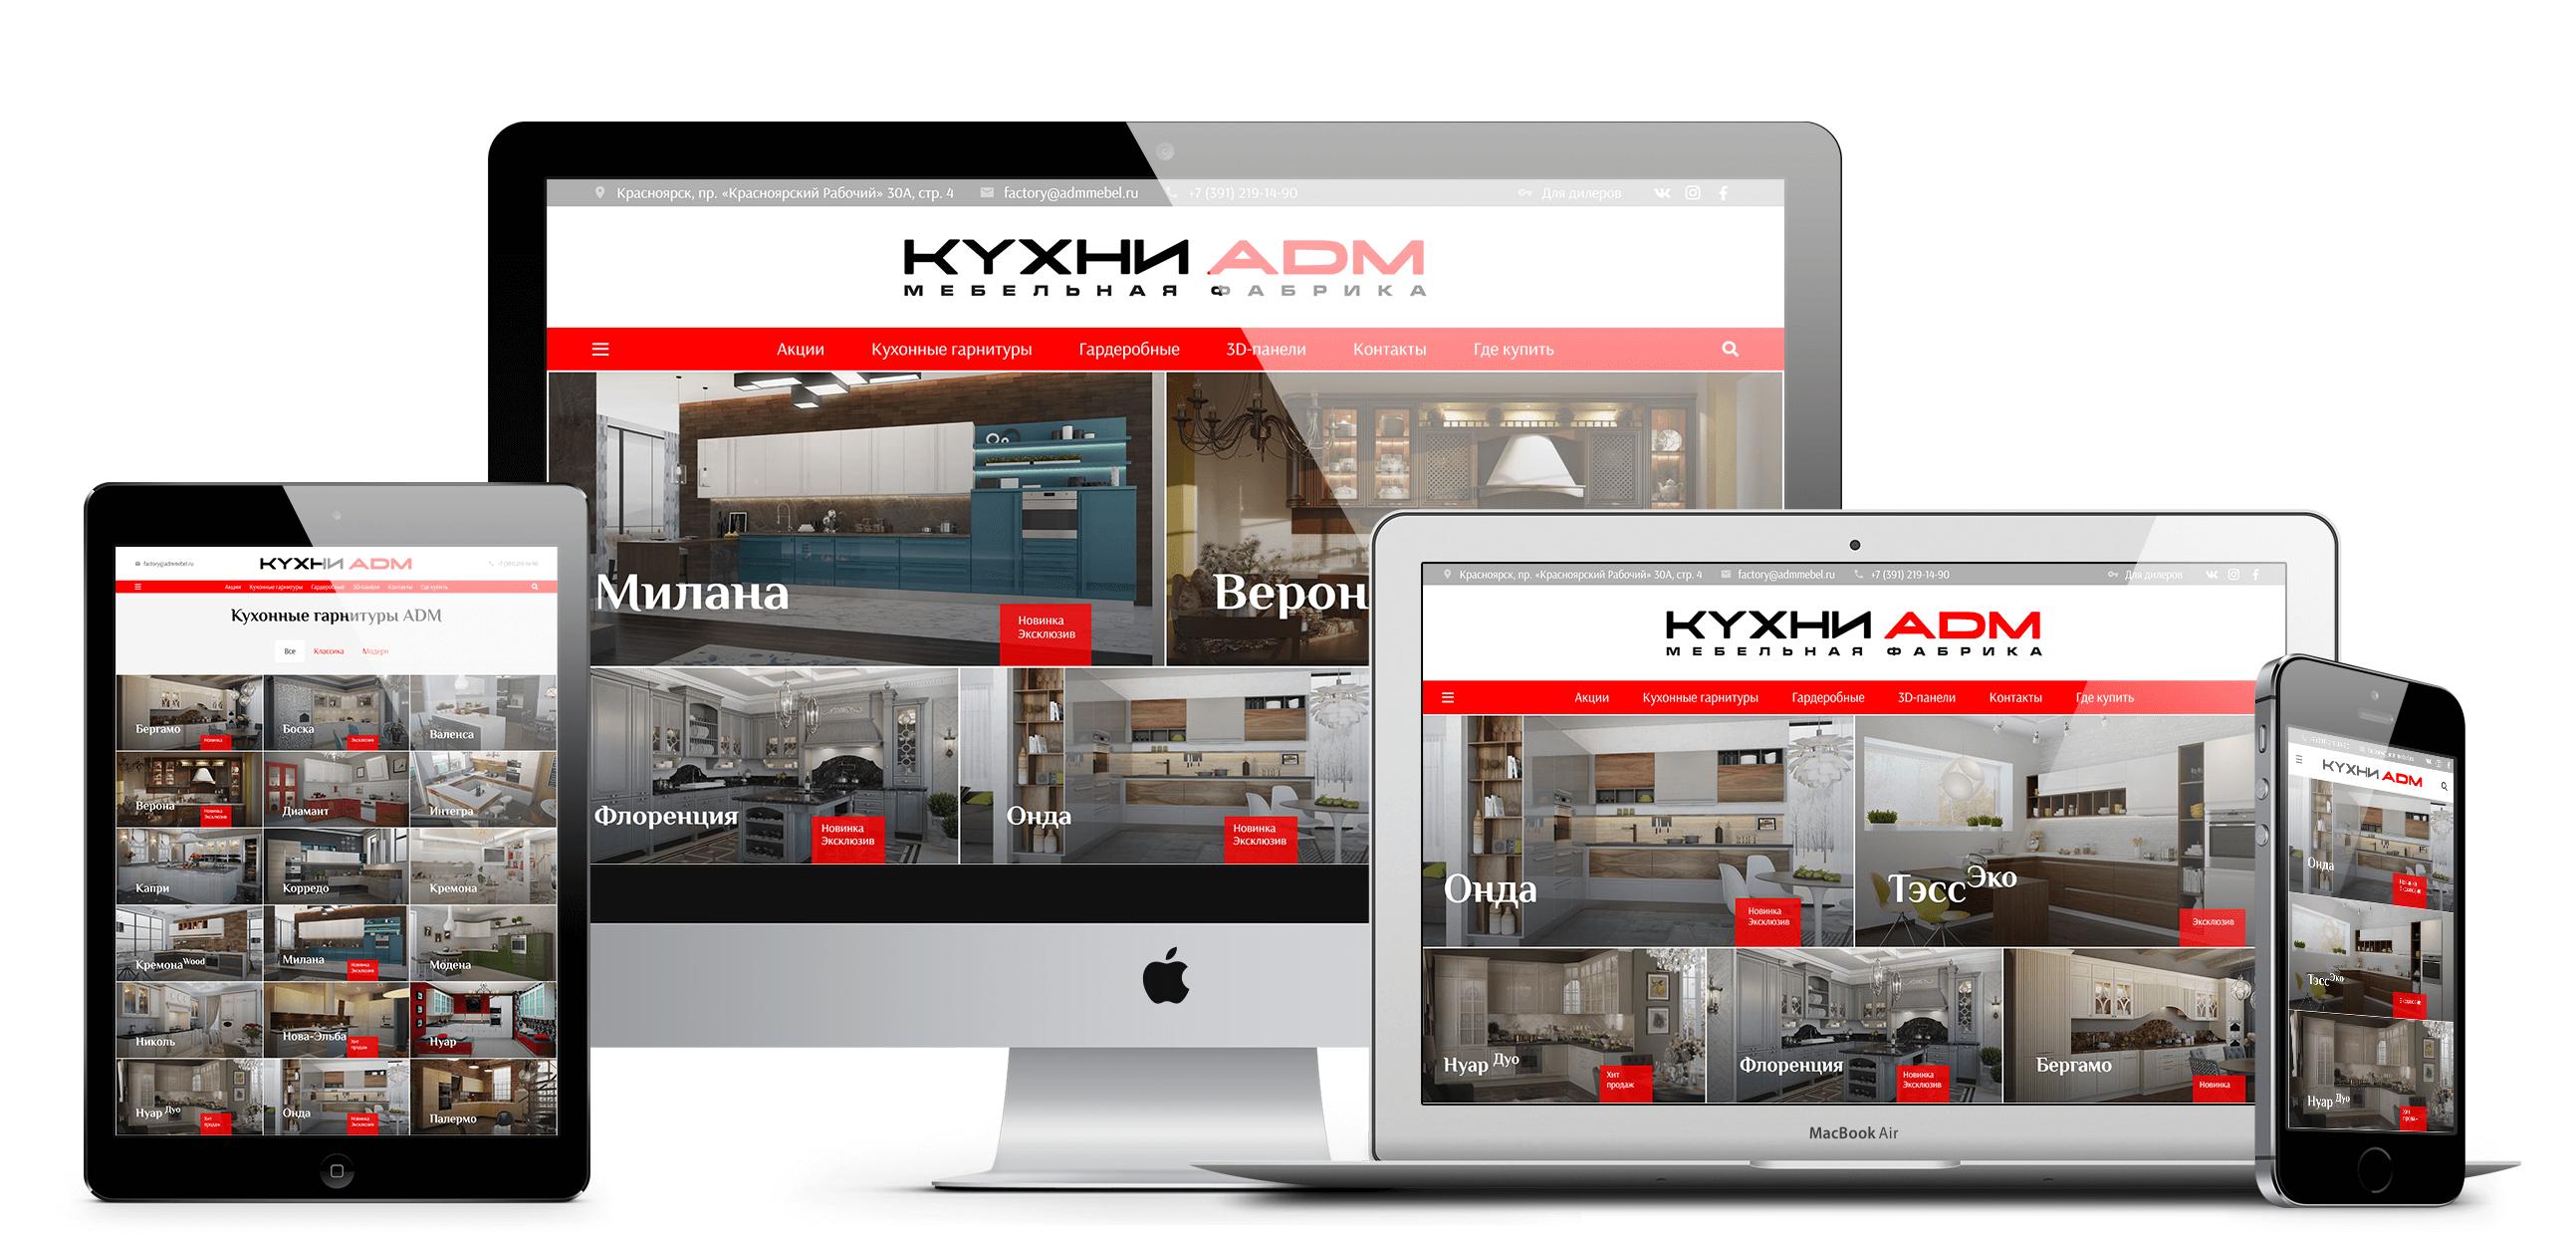 Третья версия сайта мебельной фабрики «Кухни ADM»